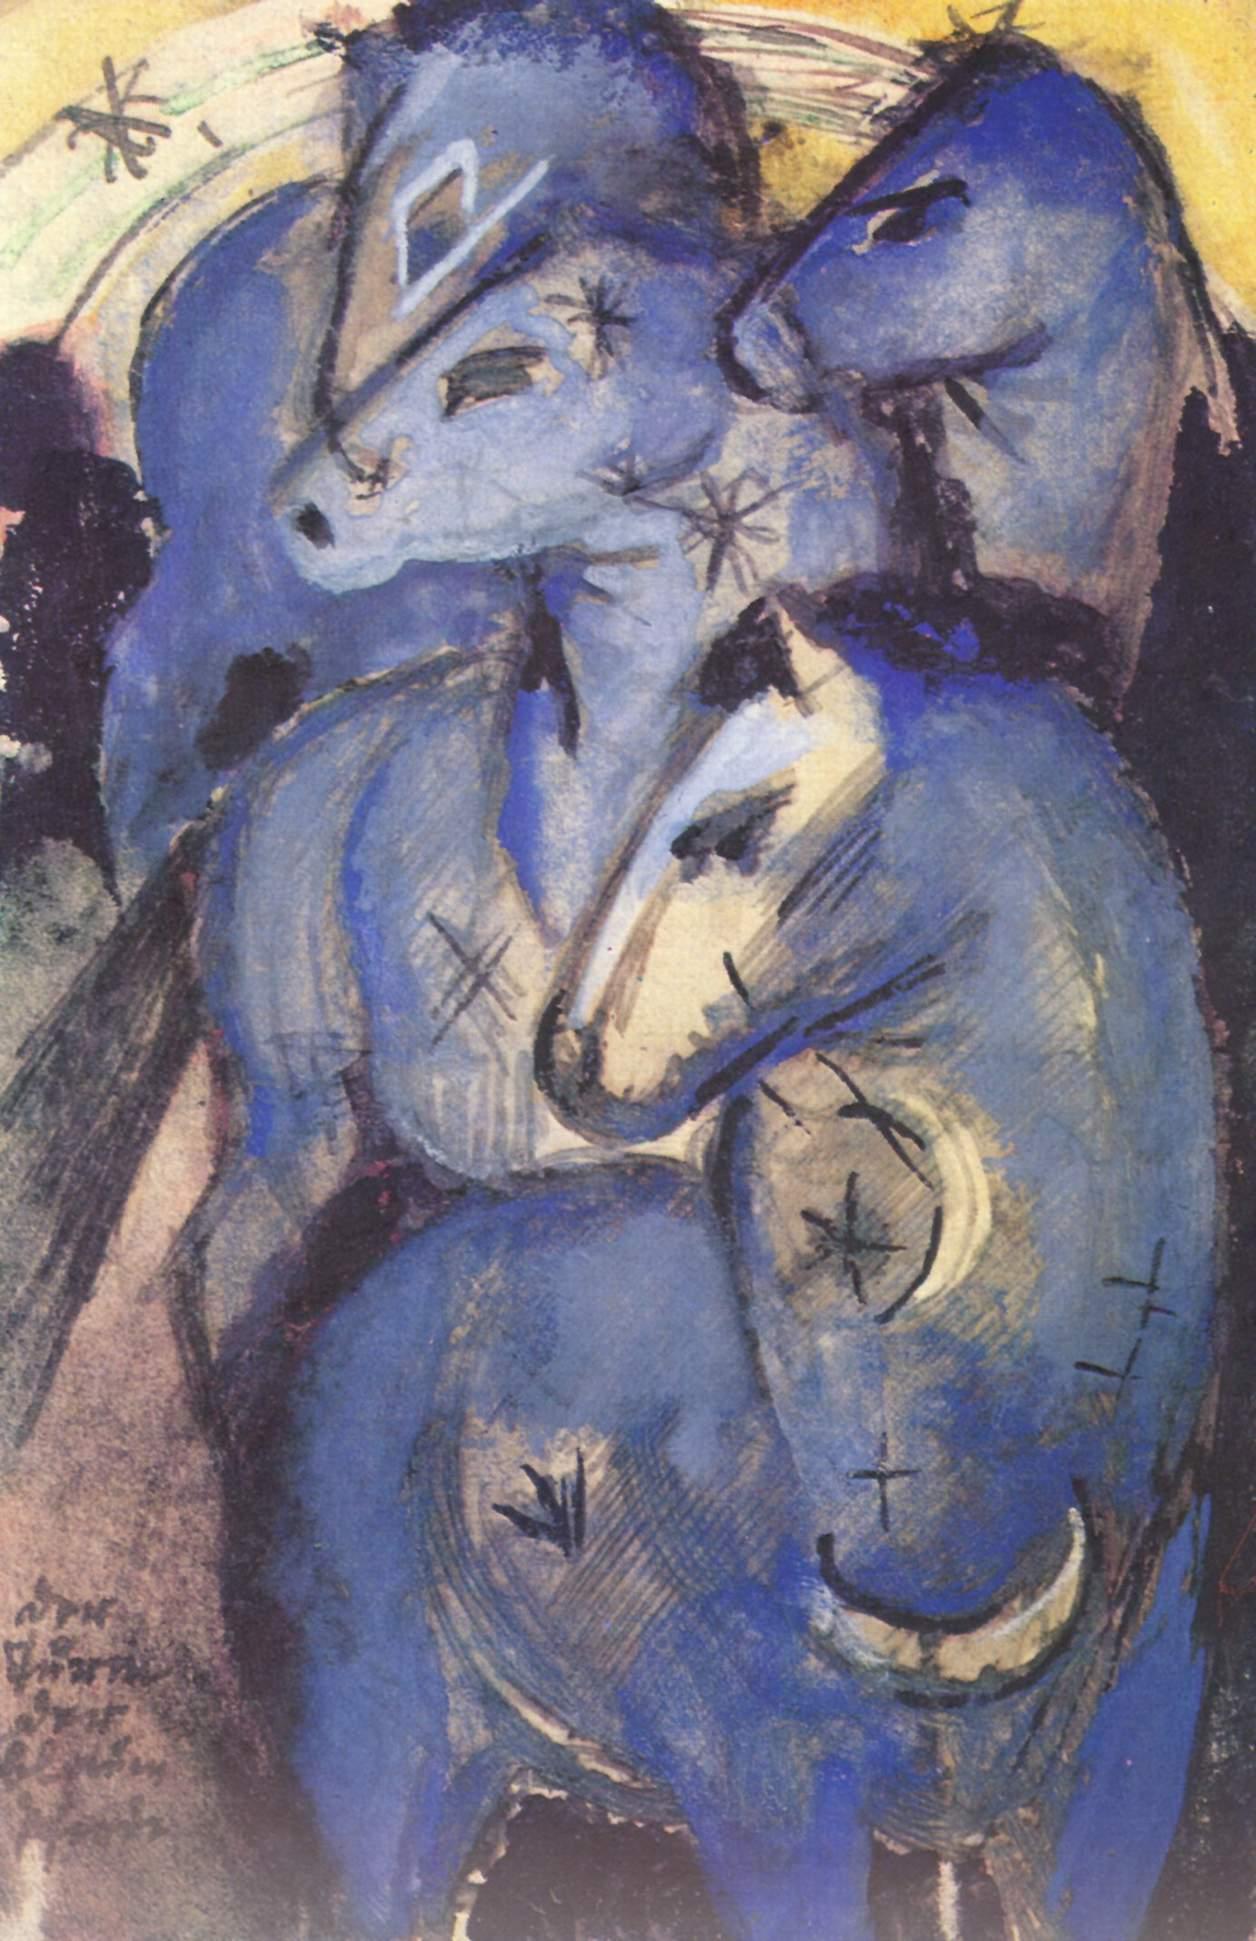 Franz Marc, Turm der blauen Pferde